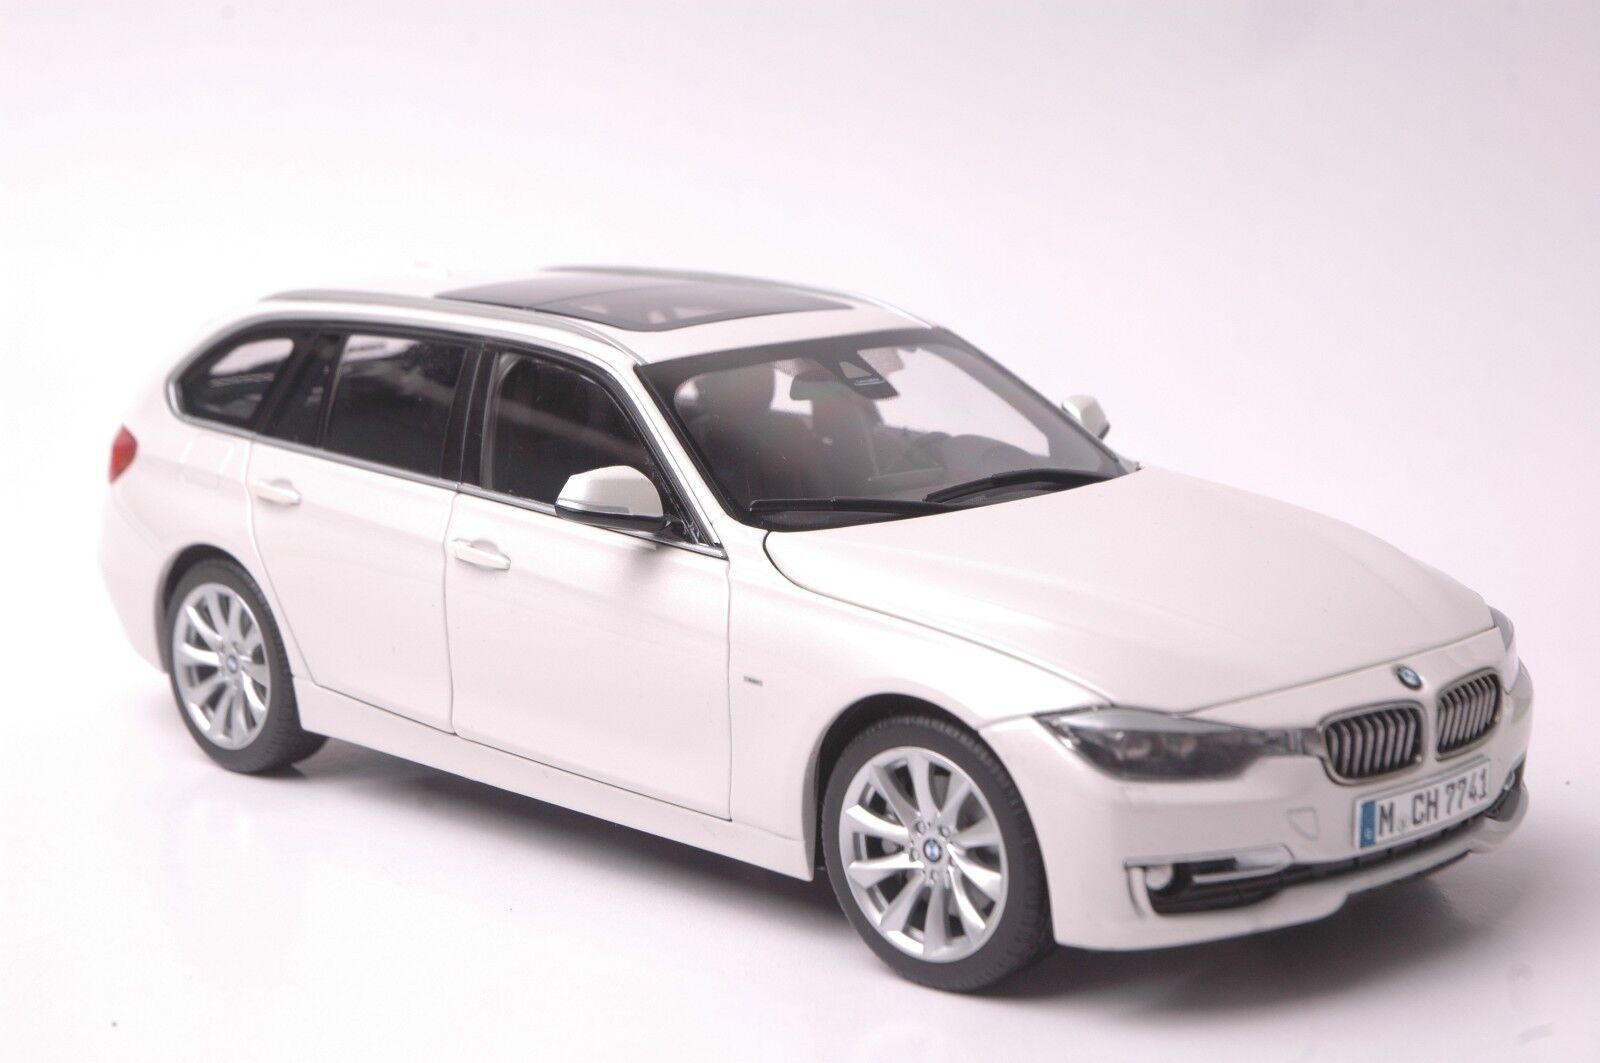 calidad oficial BMW serie 3 Touring coche modelo modelo modelo en escala 1 18 blancoo  nuevo estilo